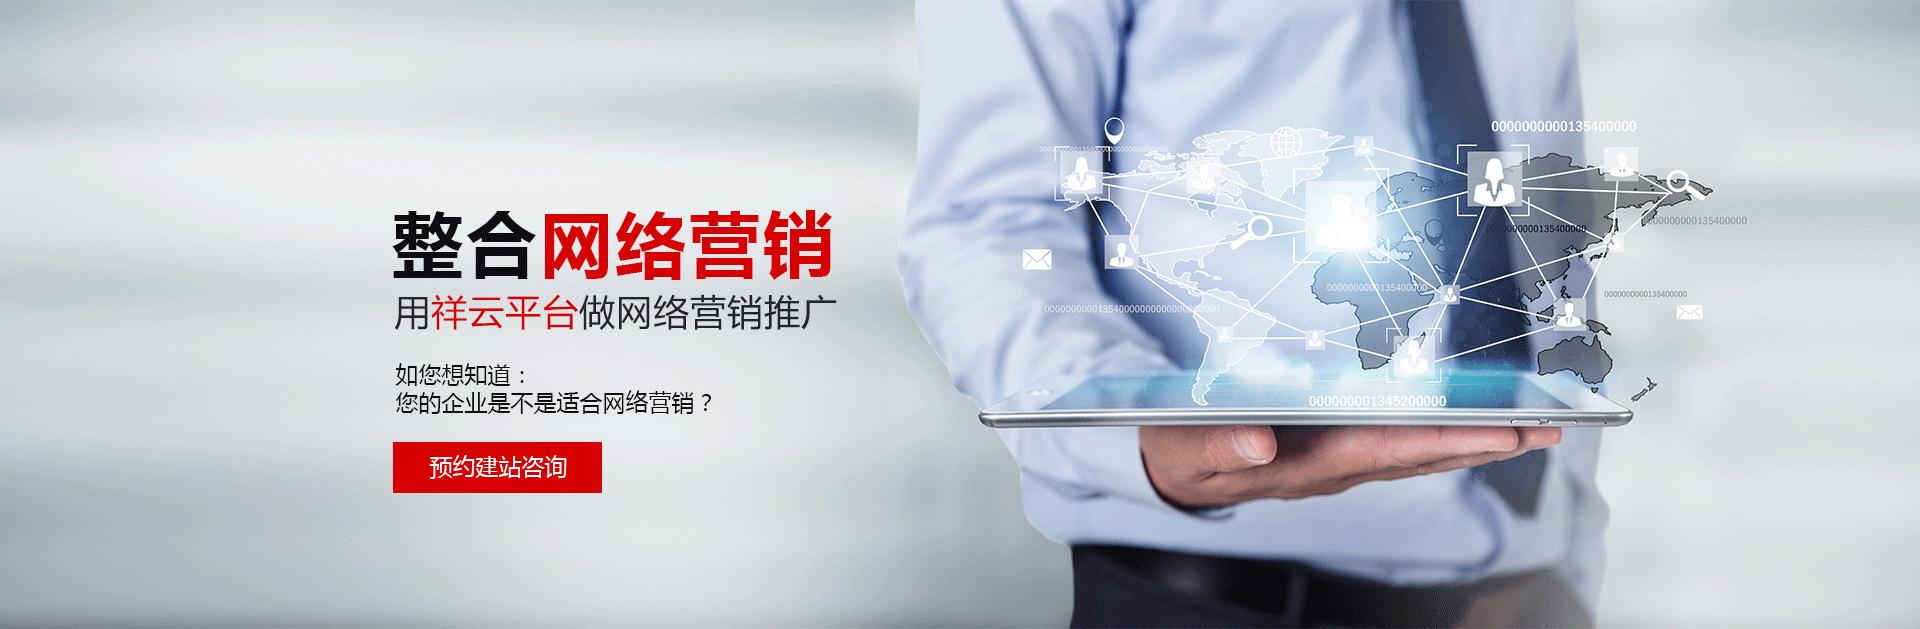 郑州全网推广